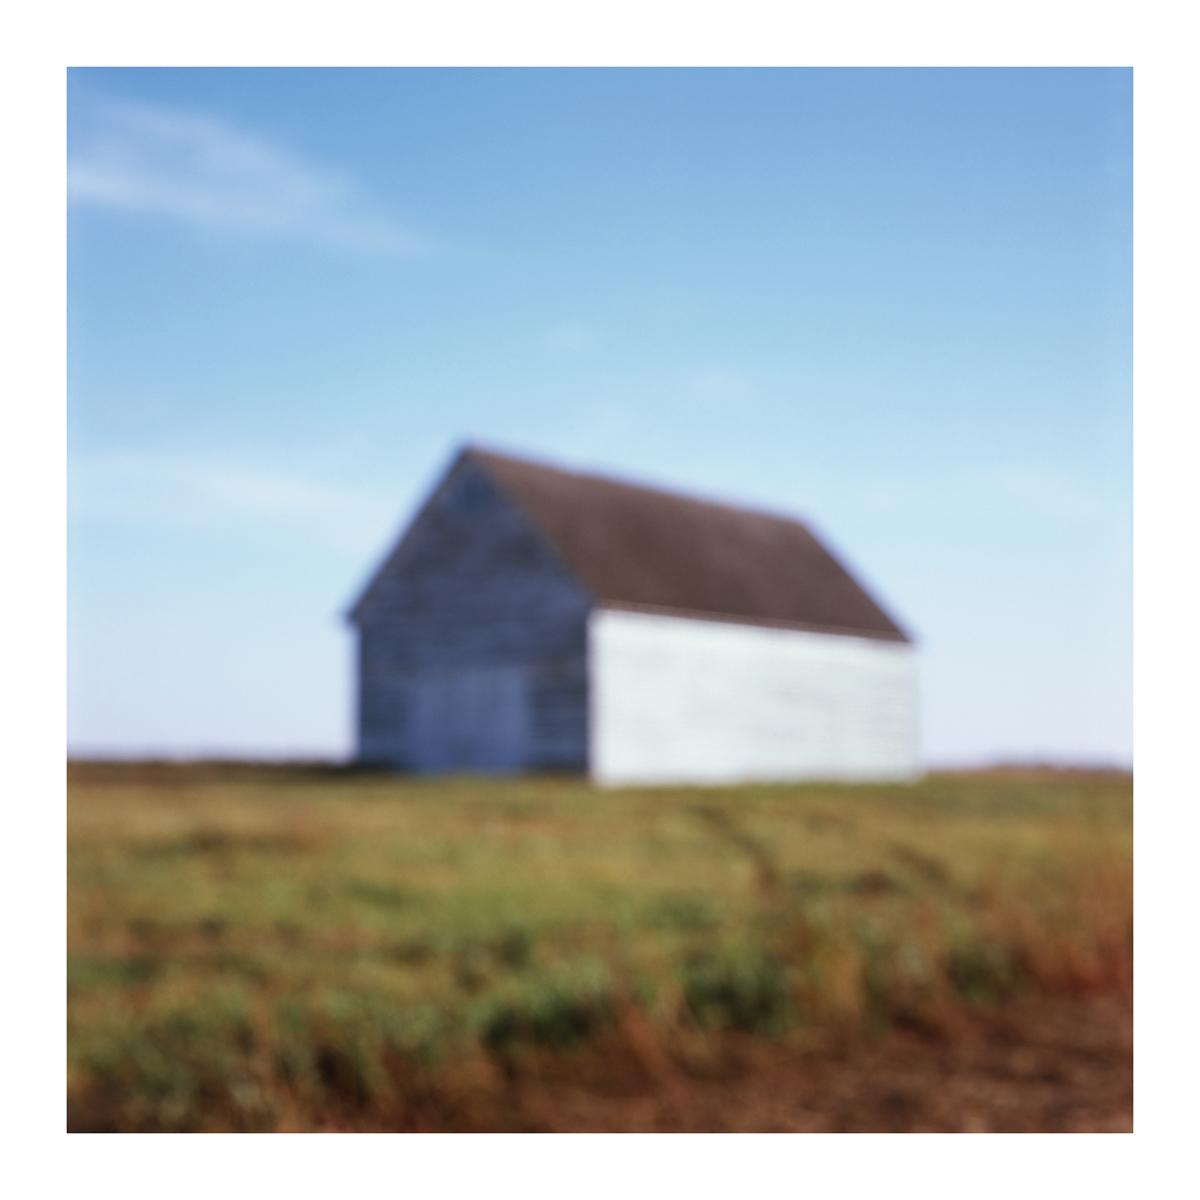 Barn, Iowa, 2014